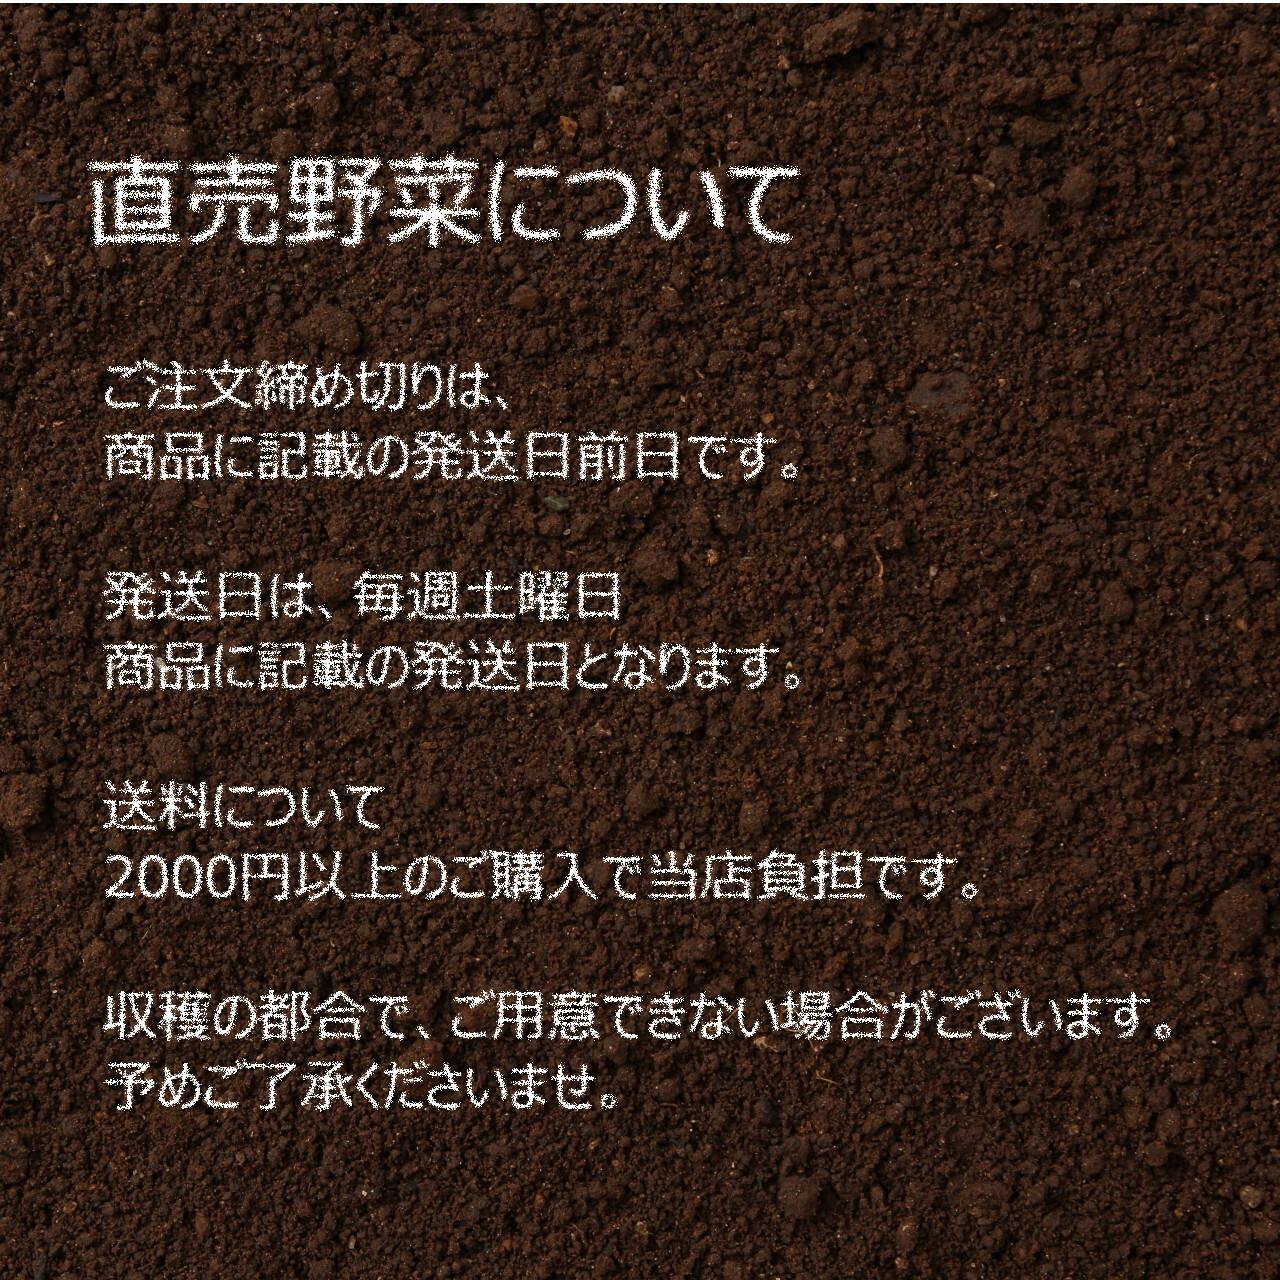 8月の朝採り直売野菜 : ししとう 約300g 新鮮な夏野菜 8月17日発送予定